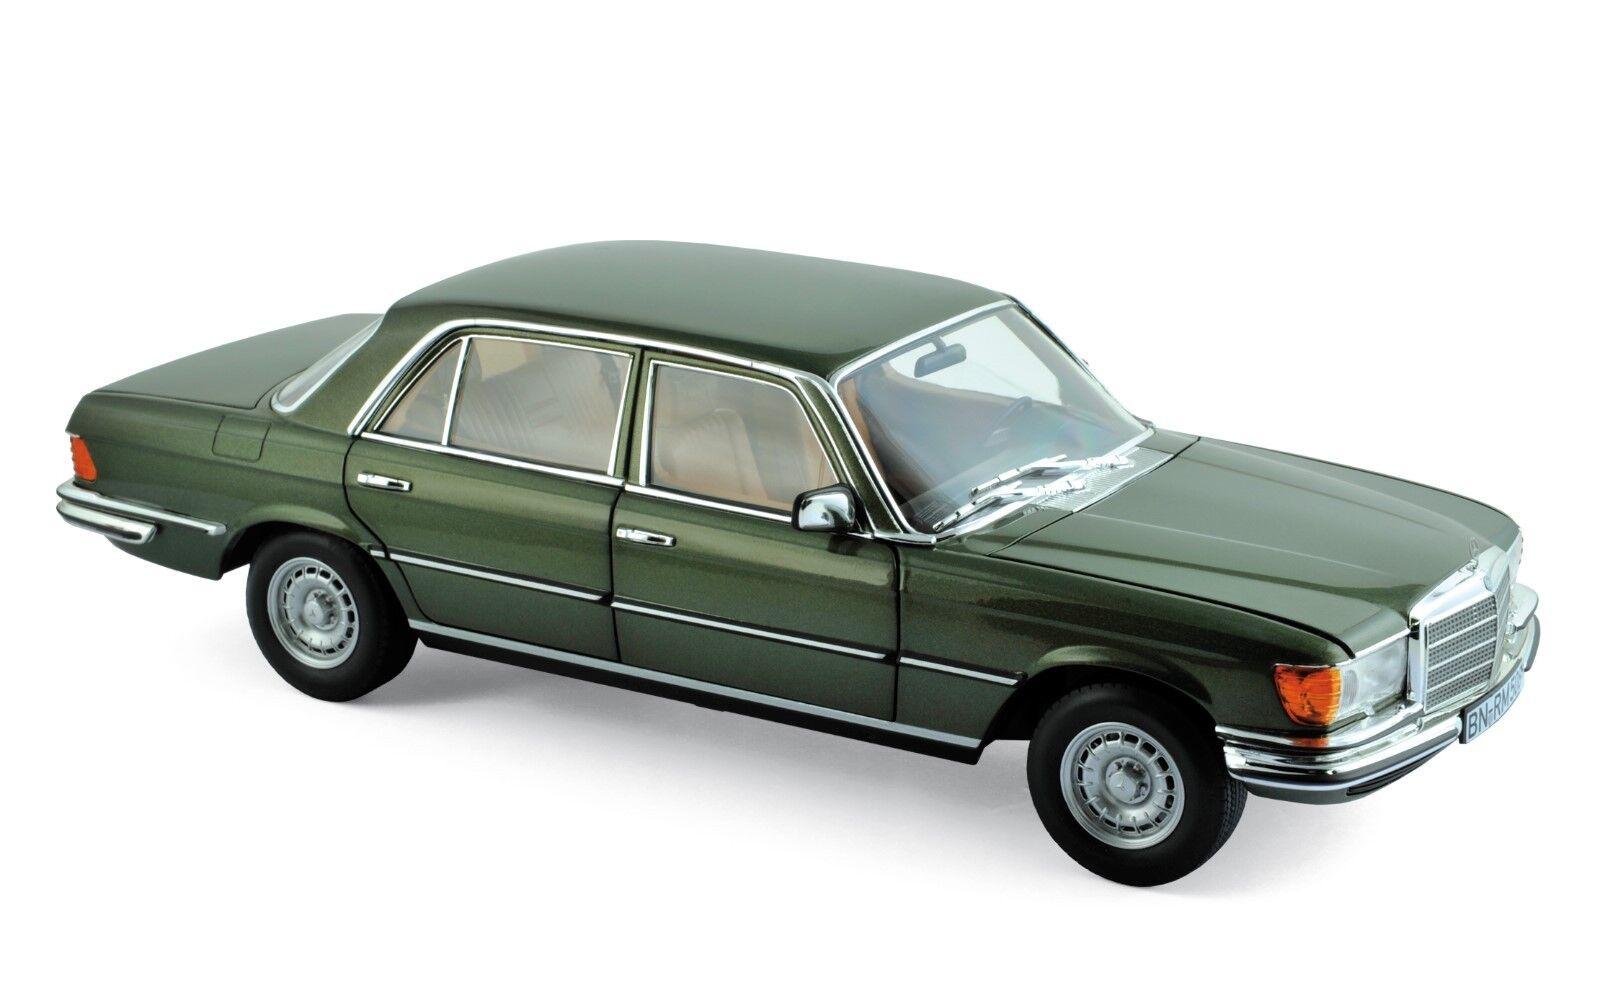 Mercedes-benz 450 sel 6.9 1976 1 18 norev nuevo & OVP 183455